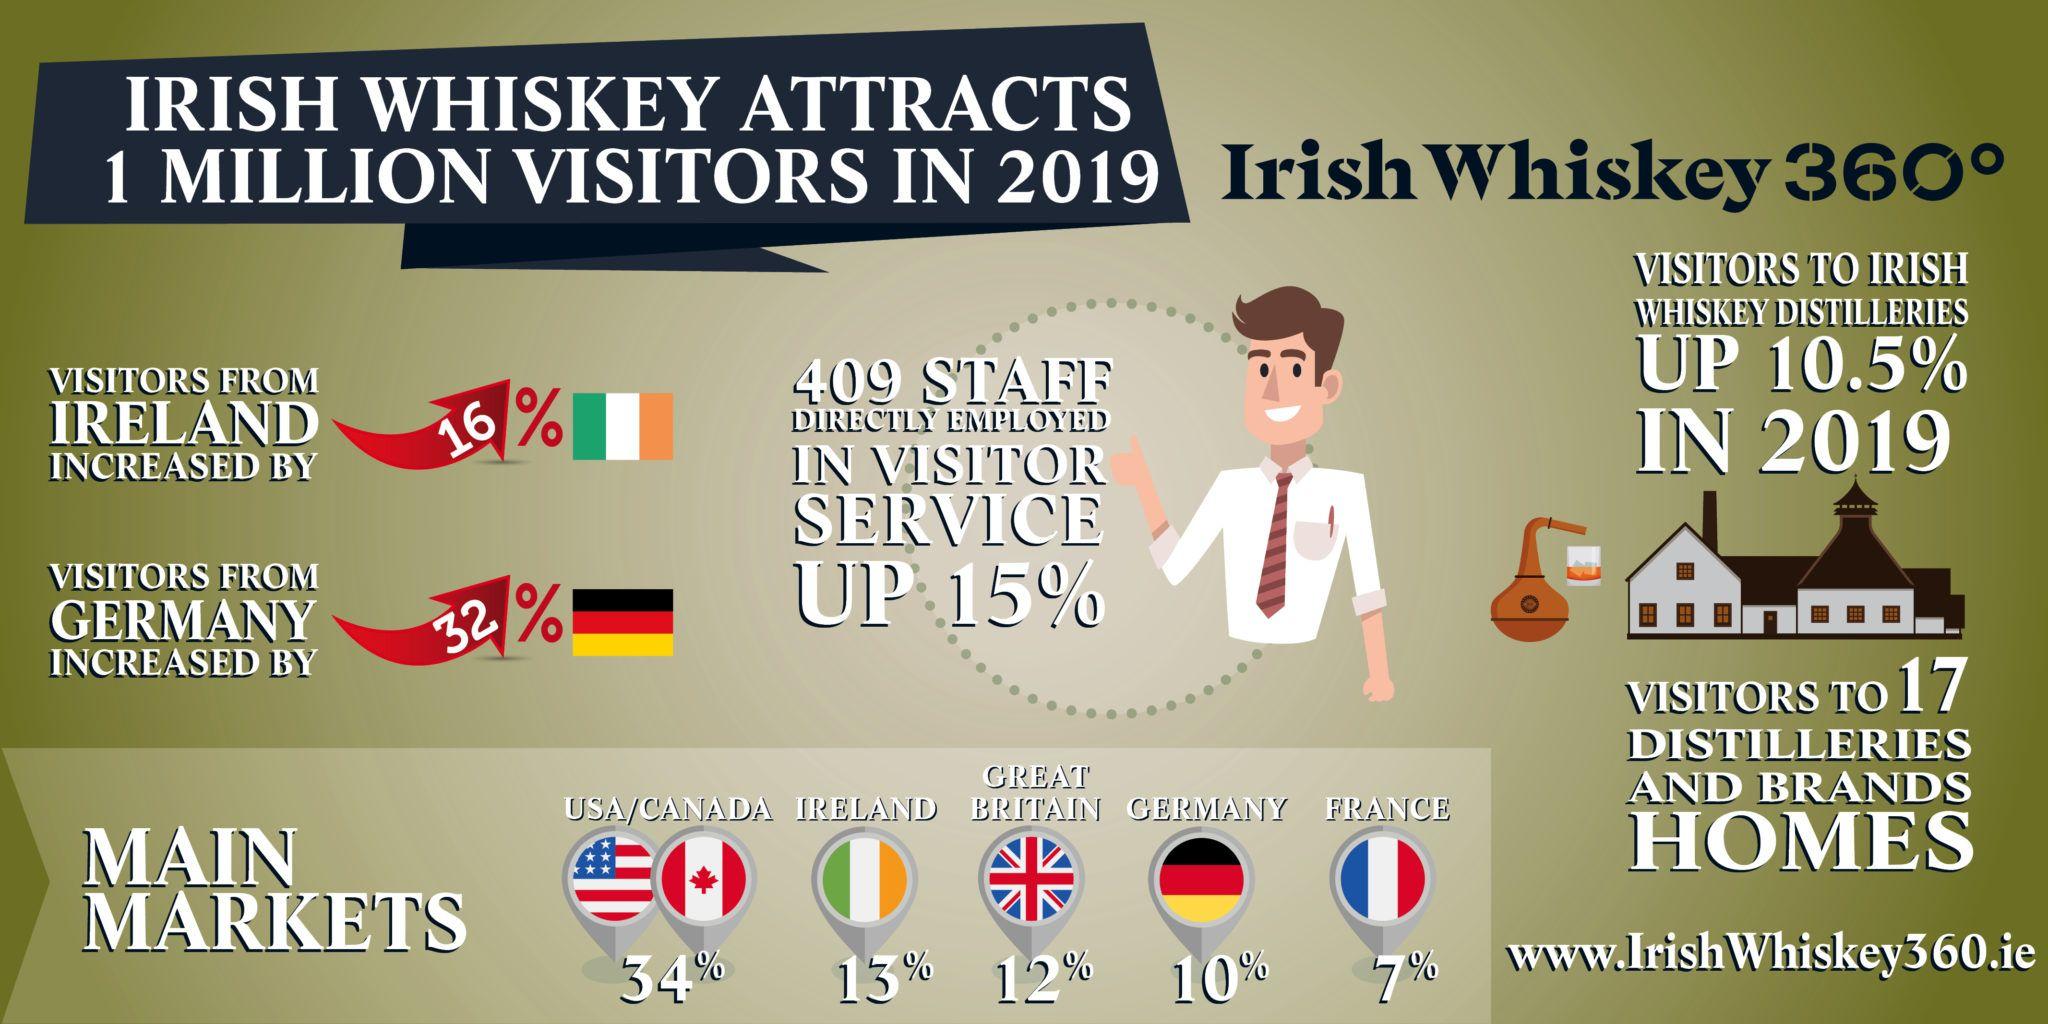 Whiskey tourism